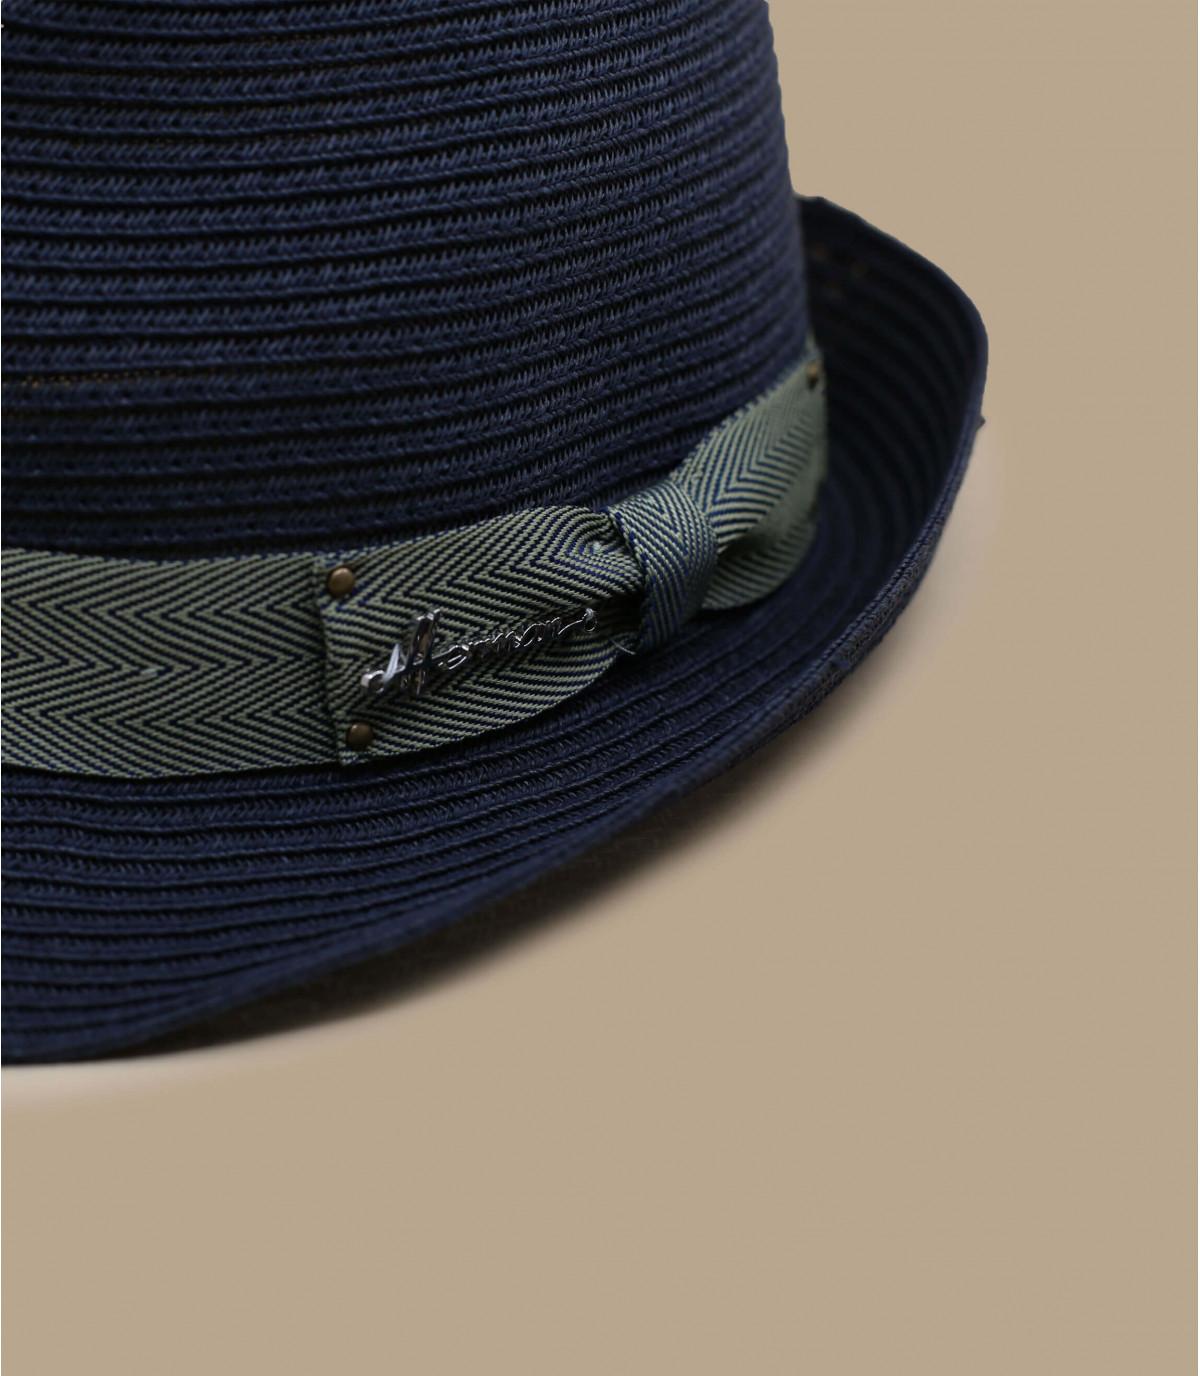 Dettagli Don Farmer blue - image 2